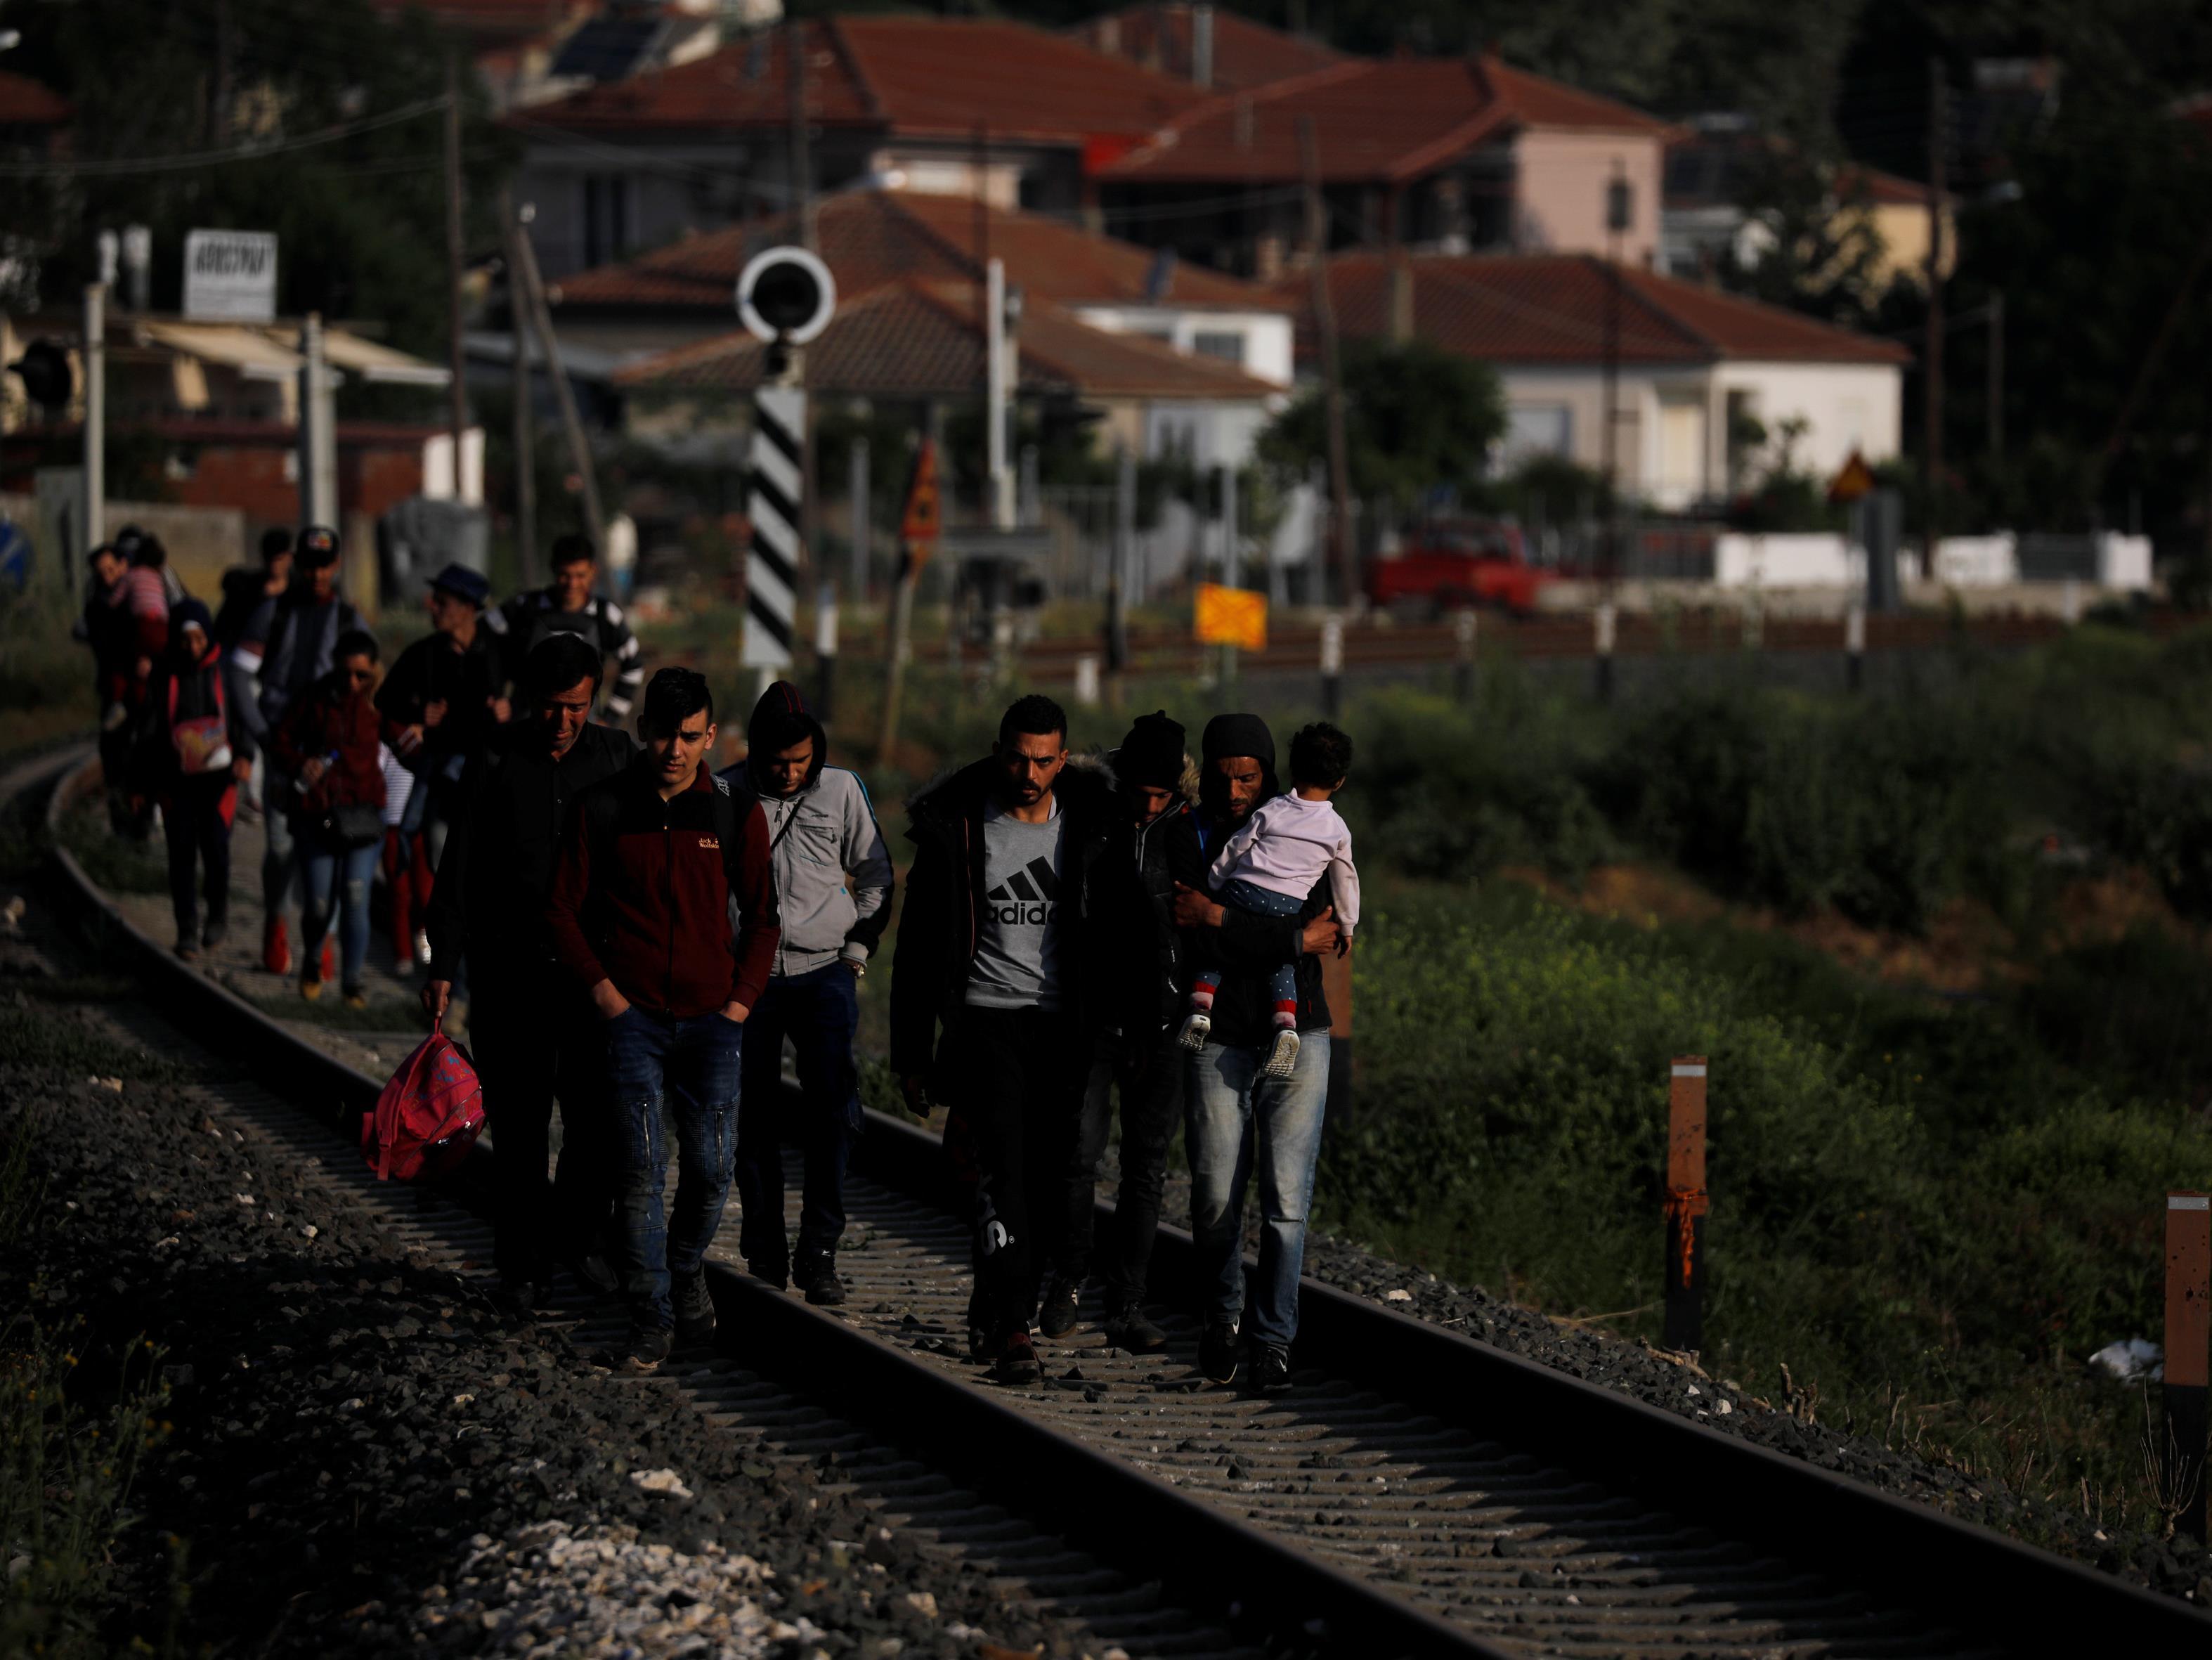 Des migrants arrivent en Grèce après avoir traversé la rivière Évros.